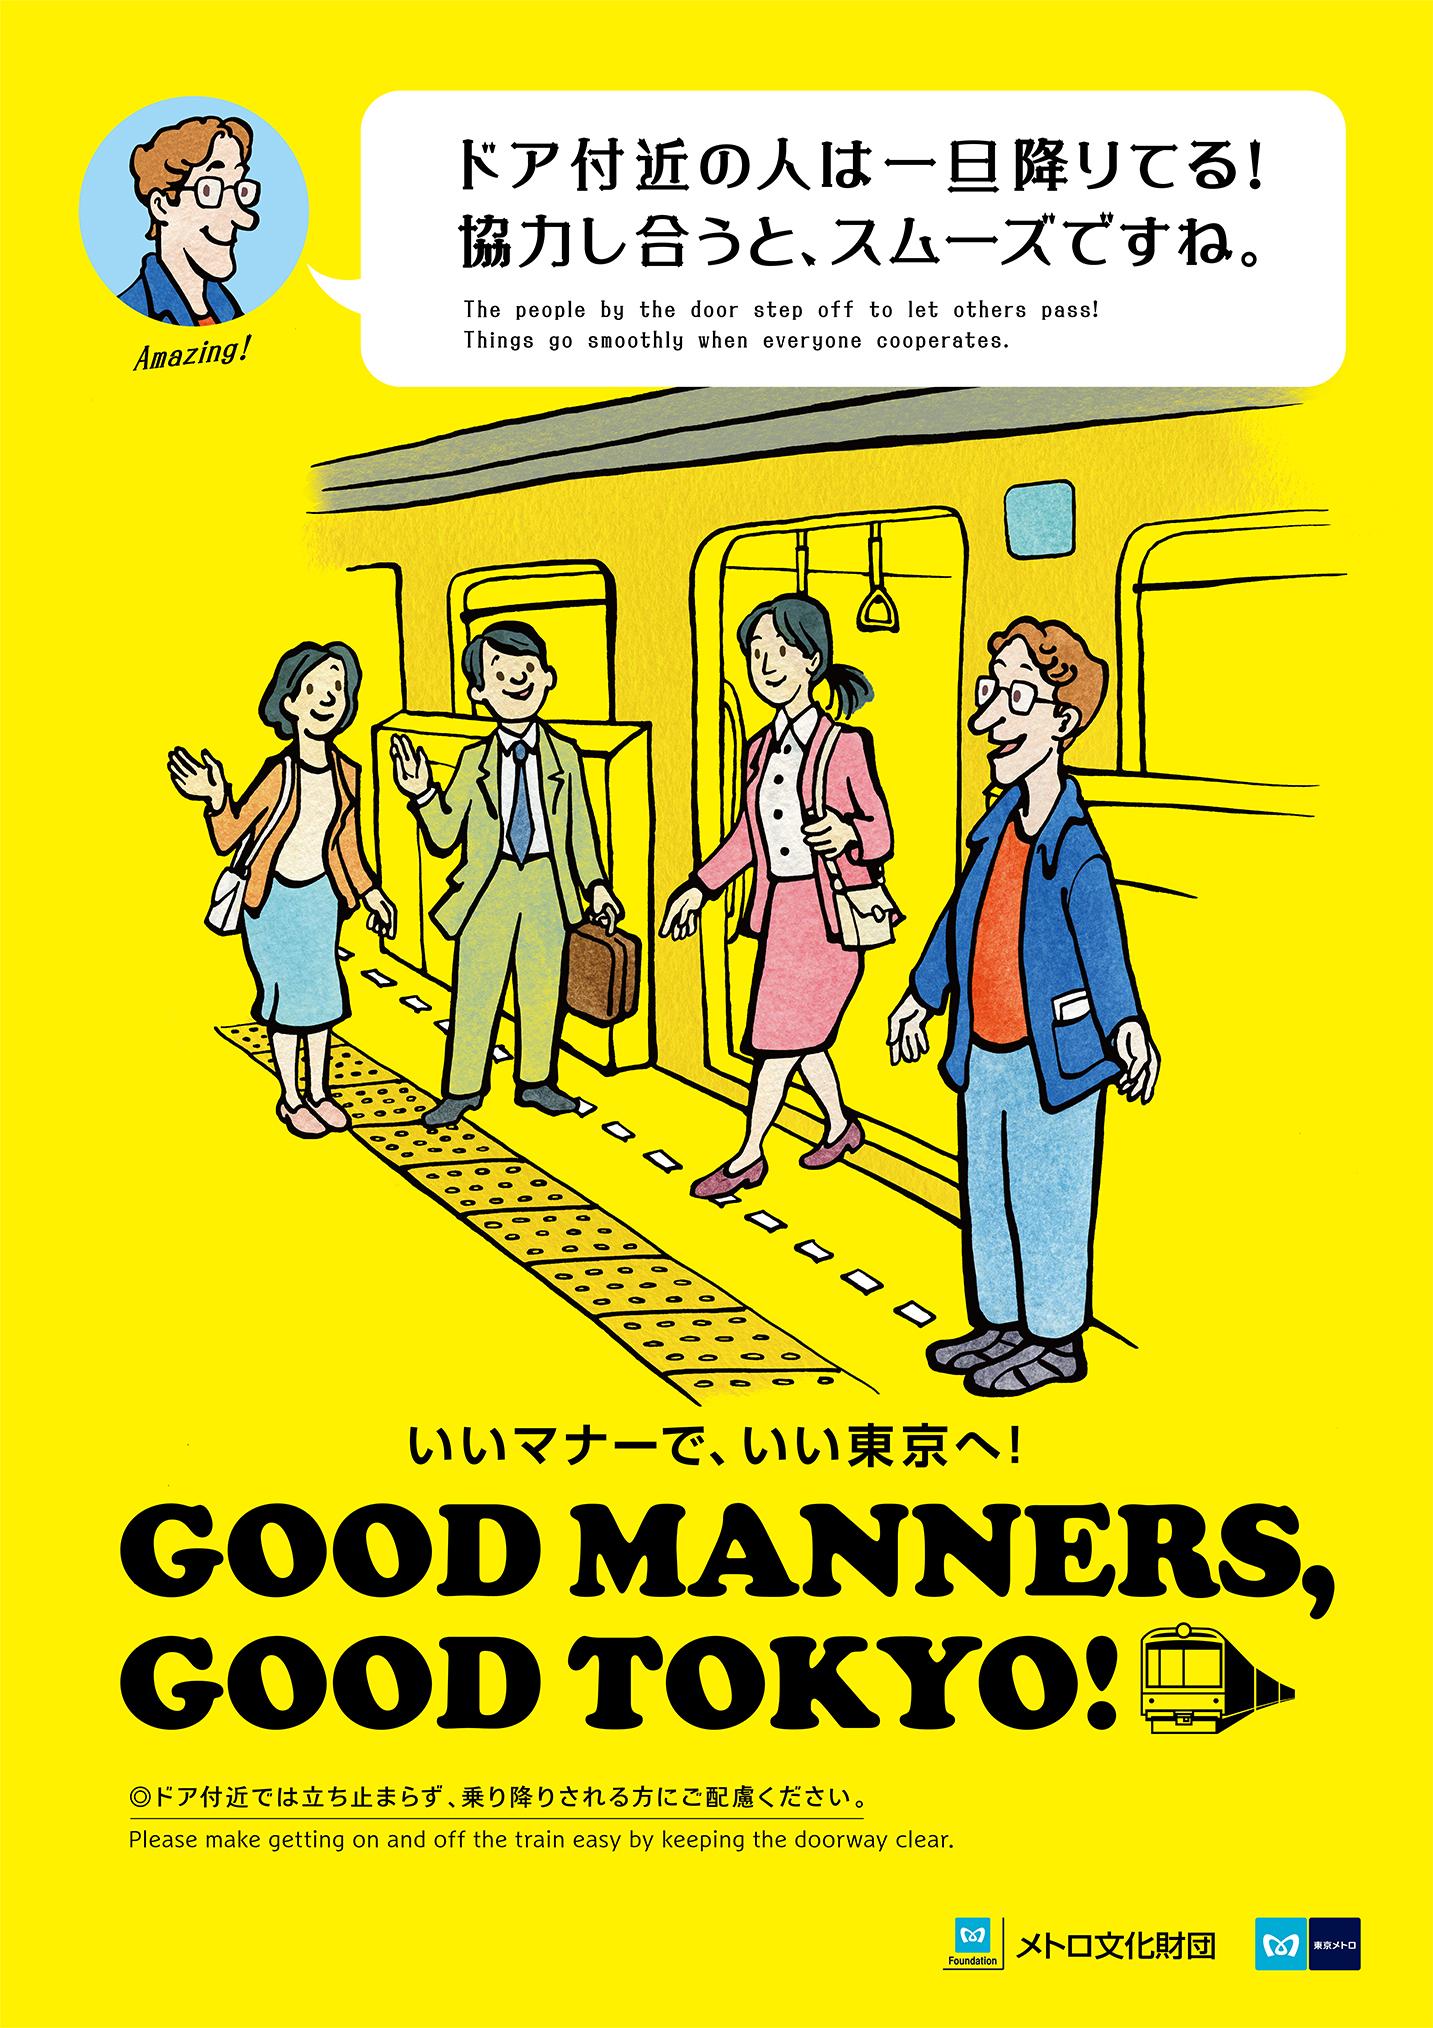 東京メトロマナーポスター